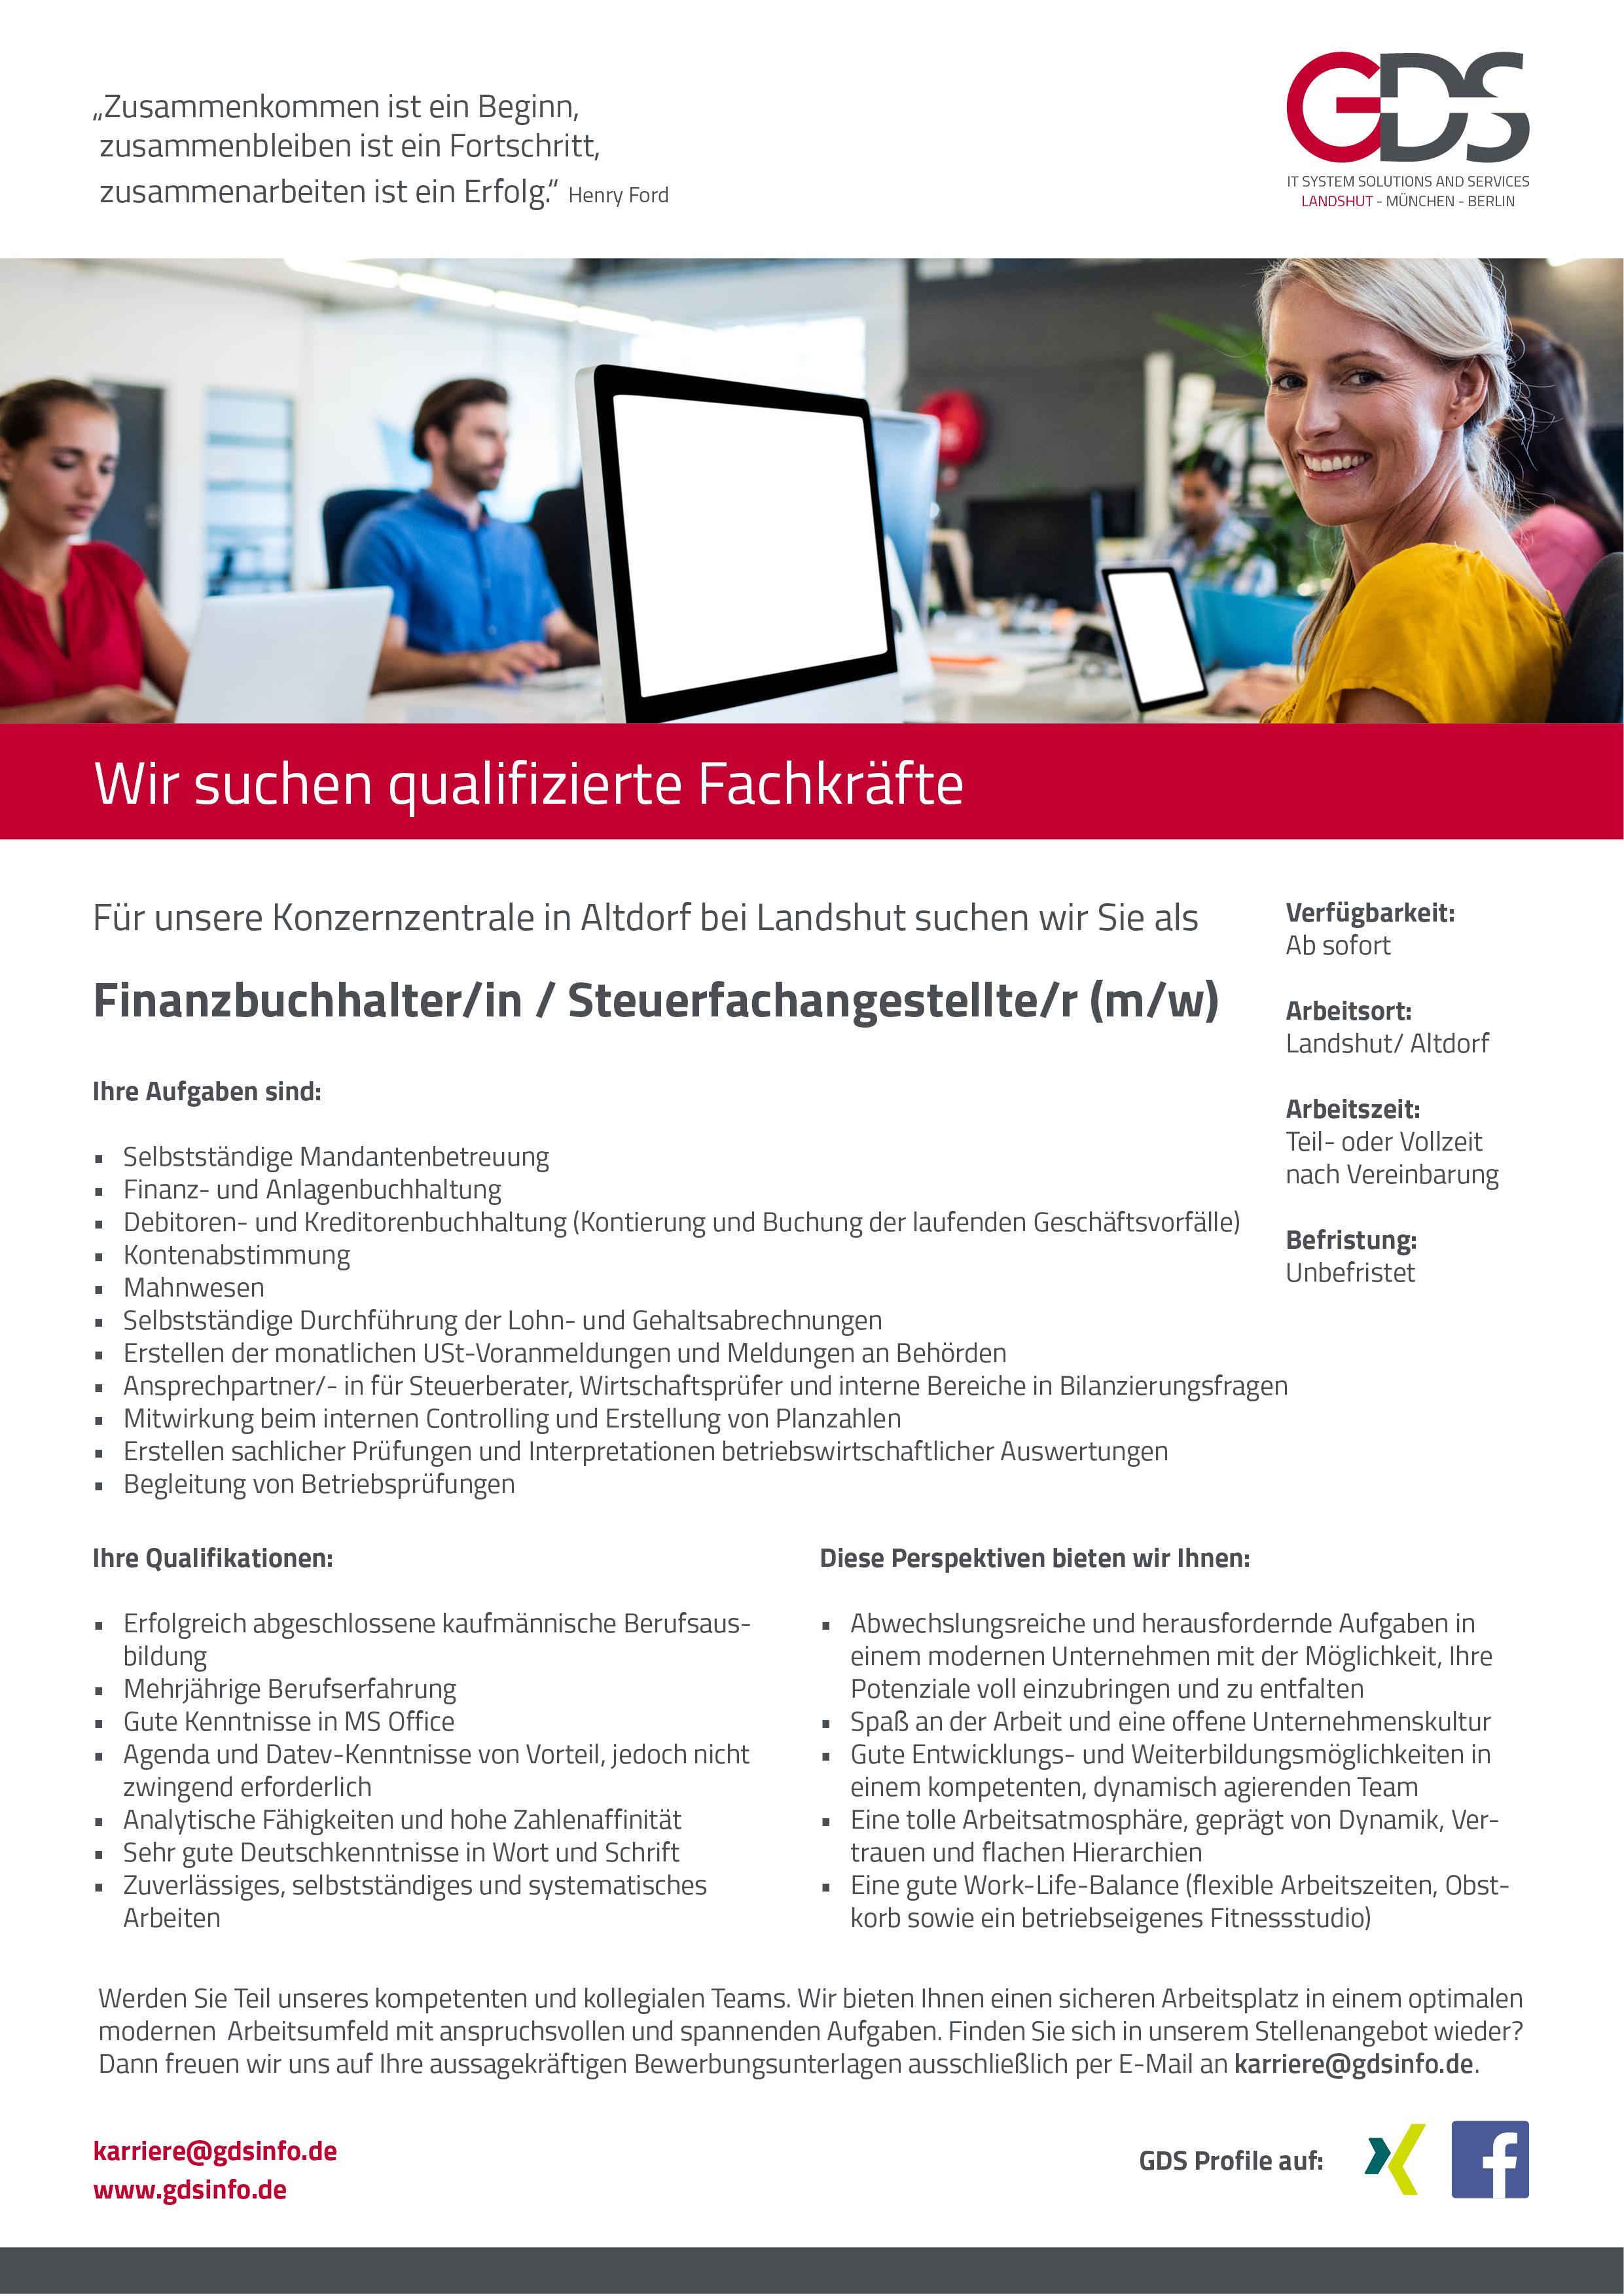 Gesucht Finanzbuchhalter/in / Steuerfachangestellte/r in Altdorf – GDS